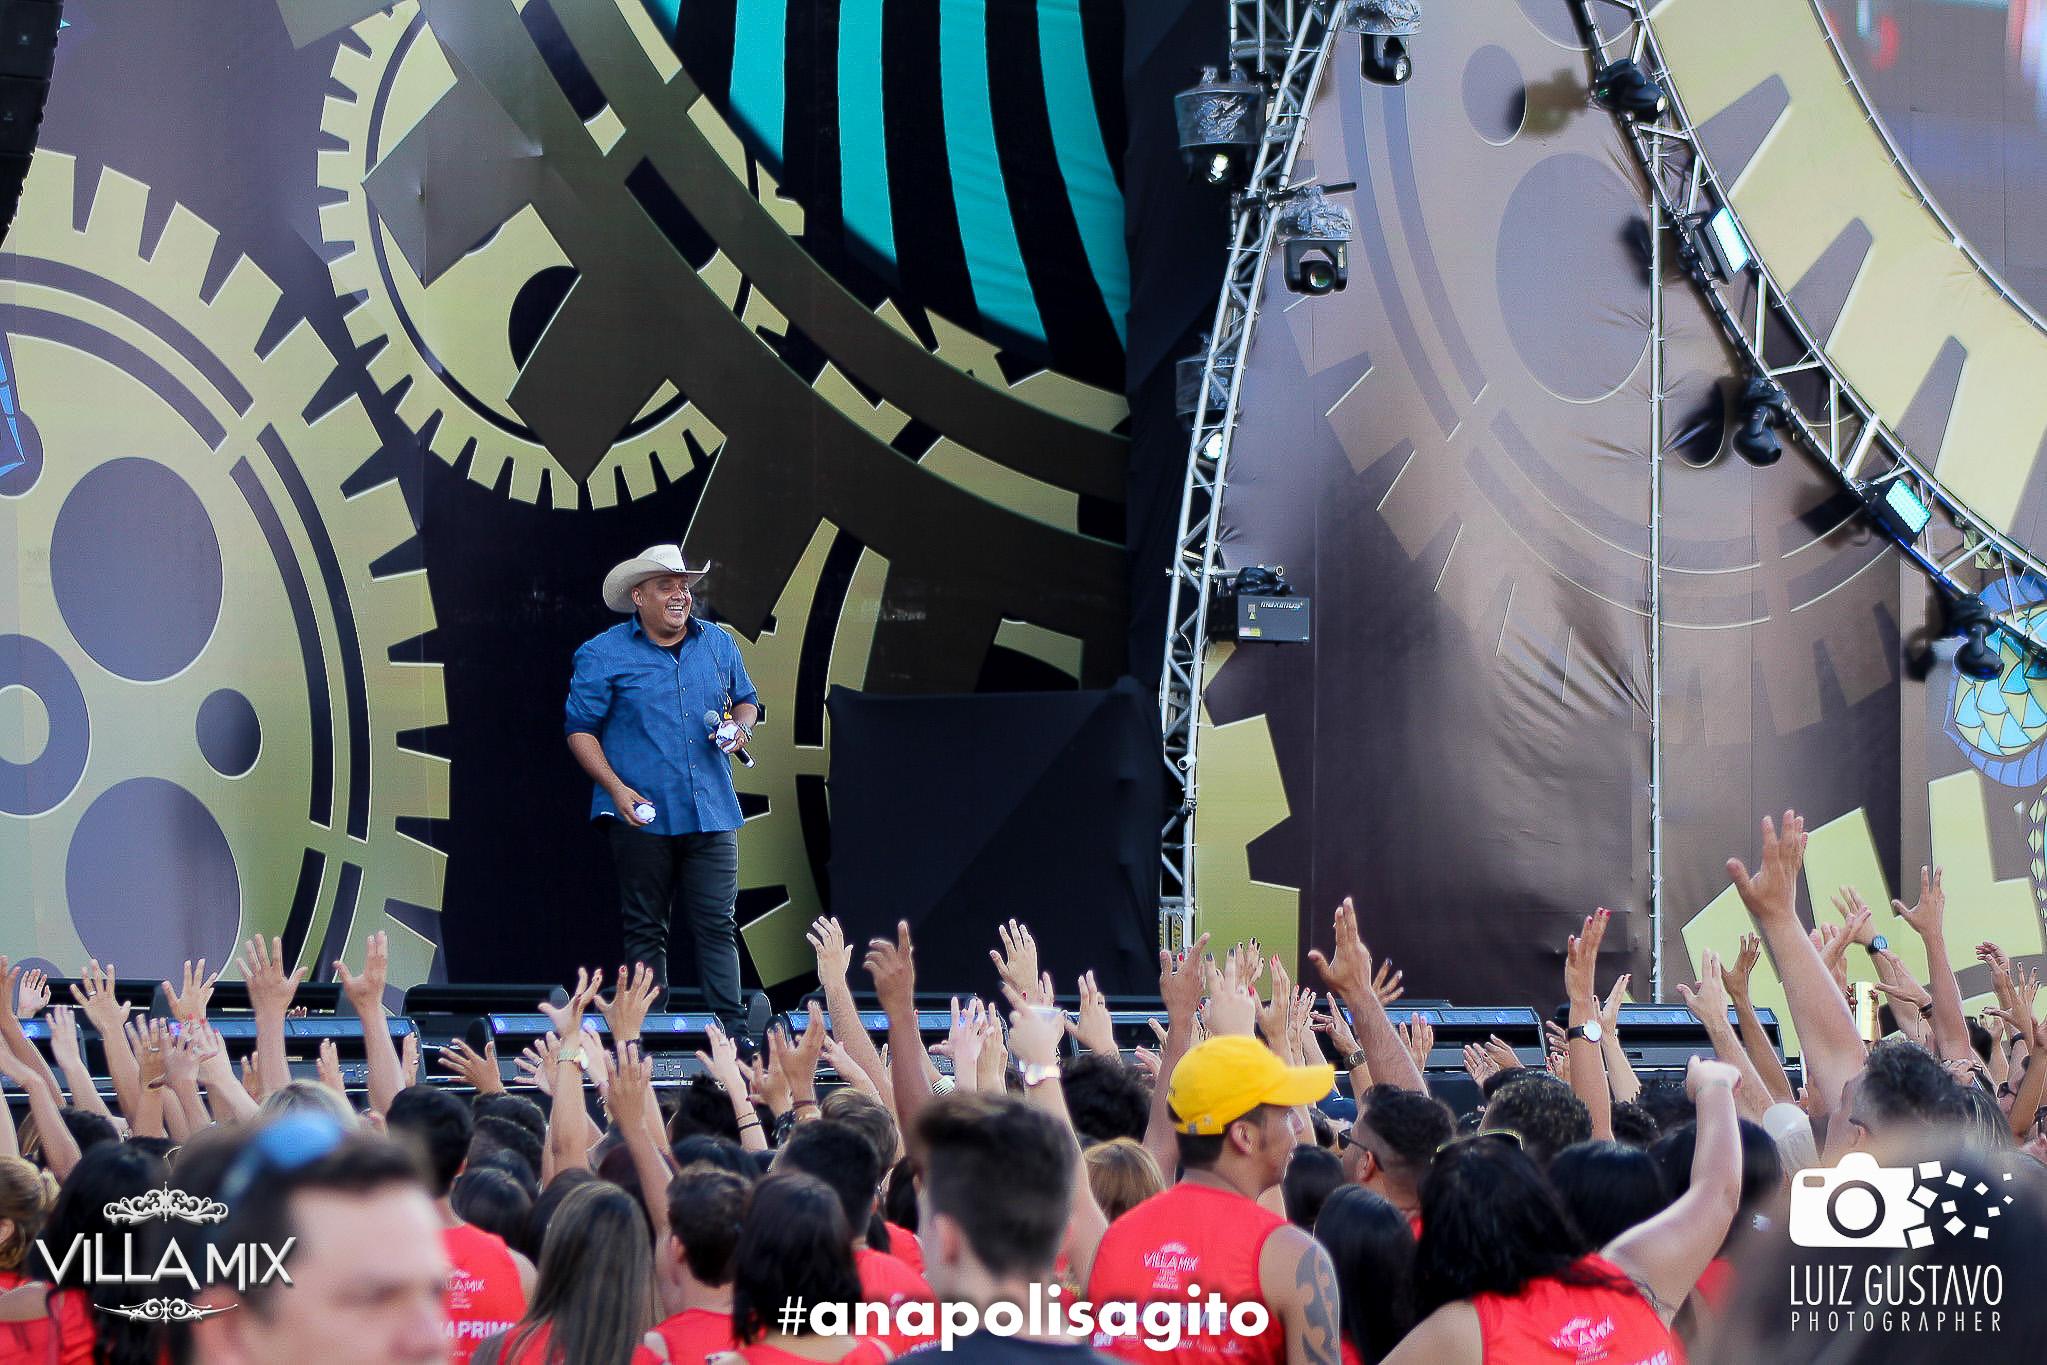 Luiz Gustavo Photographer (64 de 327)